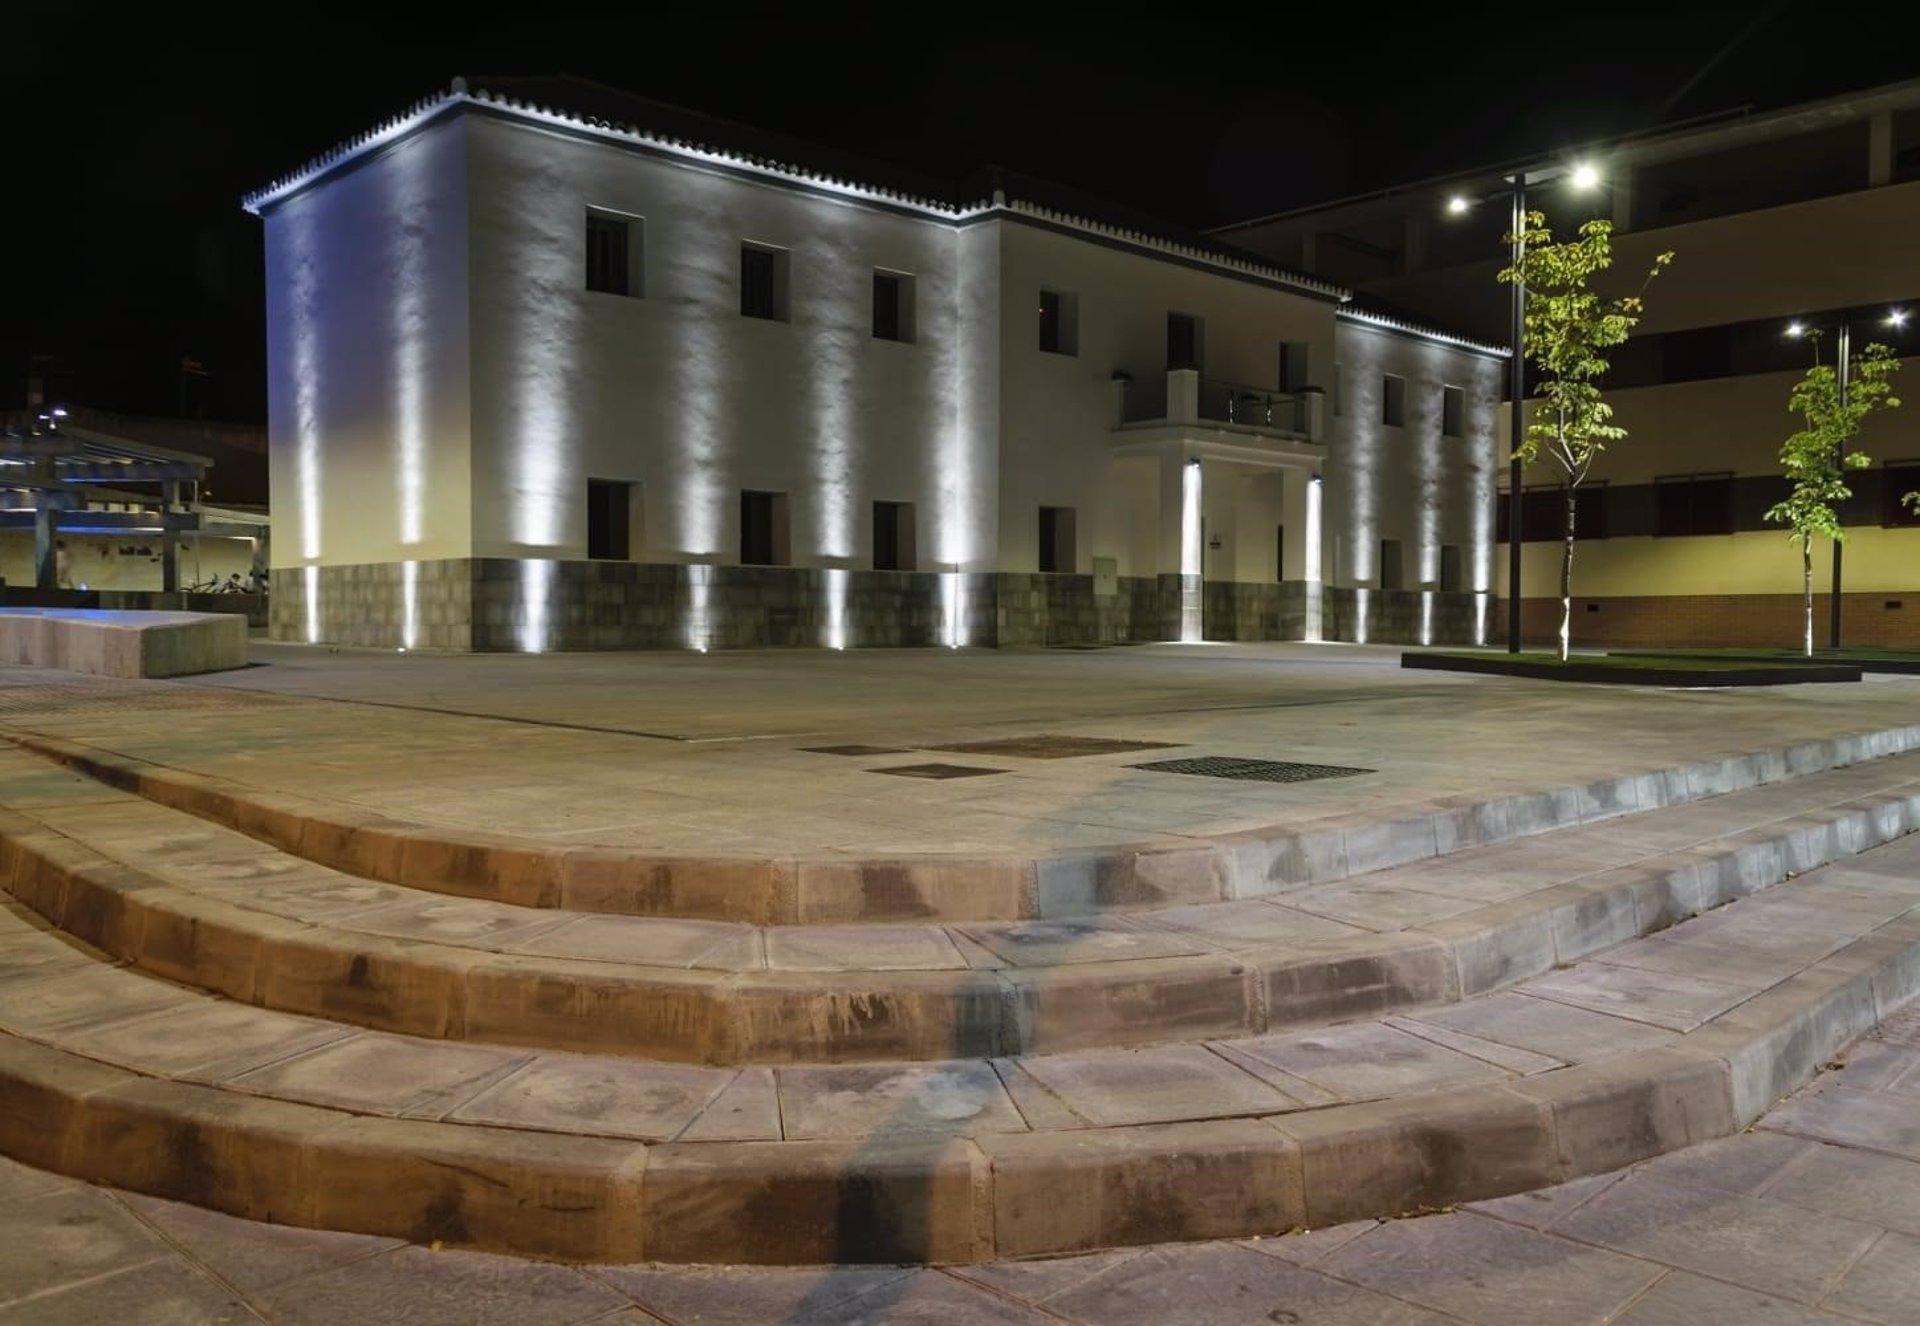 Otura hará la mayor inversión de su historia renovando todas sus farolas con luces 'led'